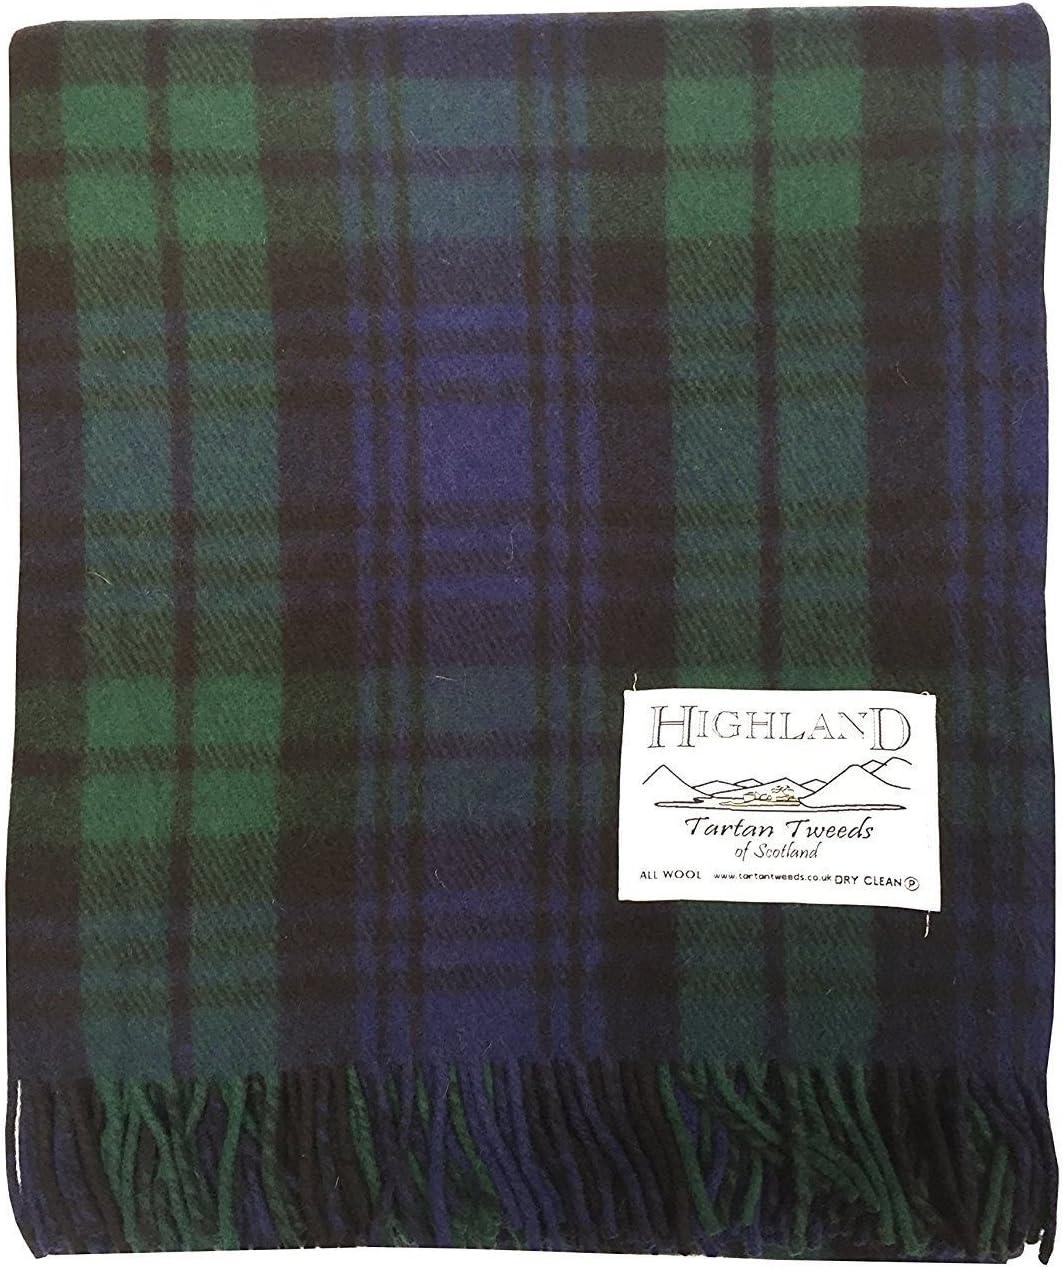 Highland Tappeto//coperta extra calda in tweed scozzese misto lana